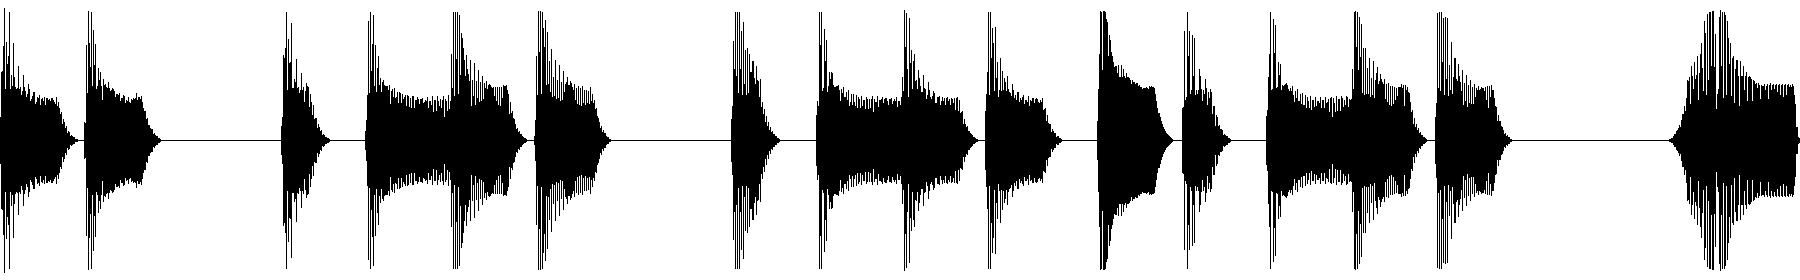 ehu basslp 125 006 d